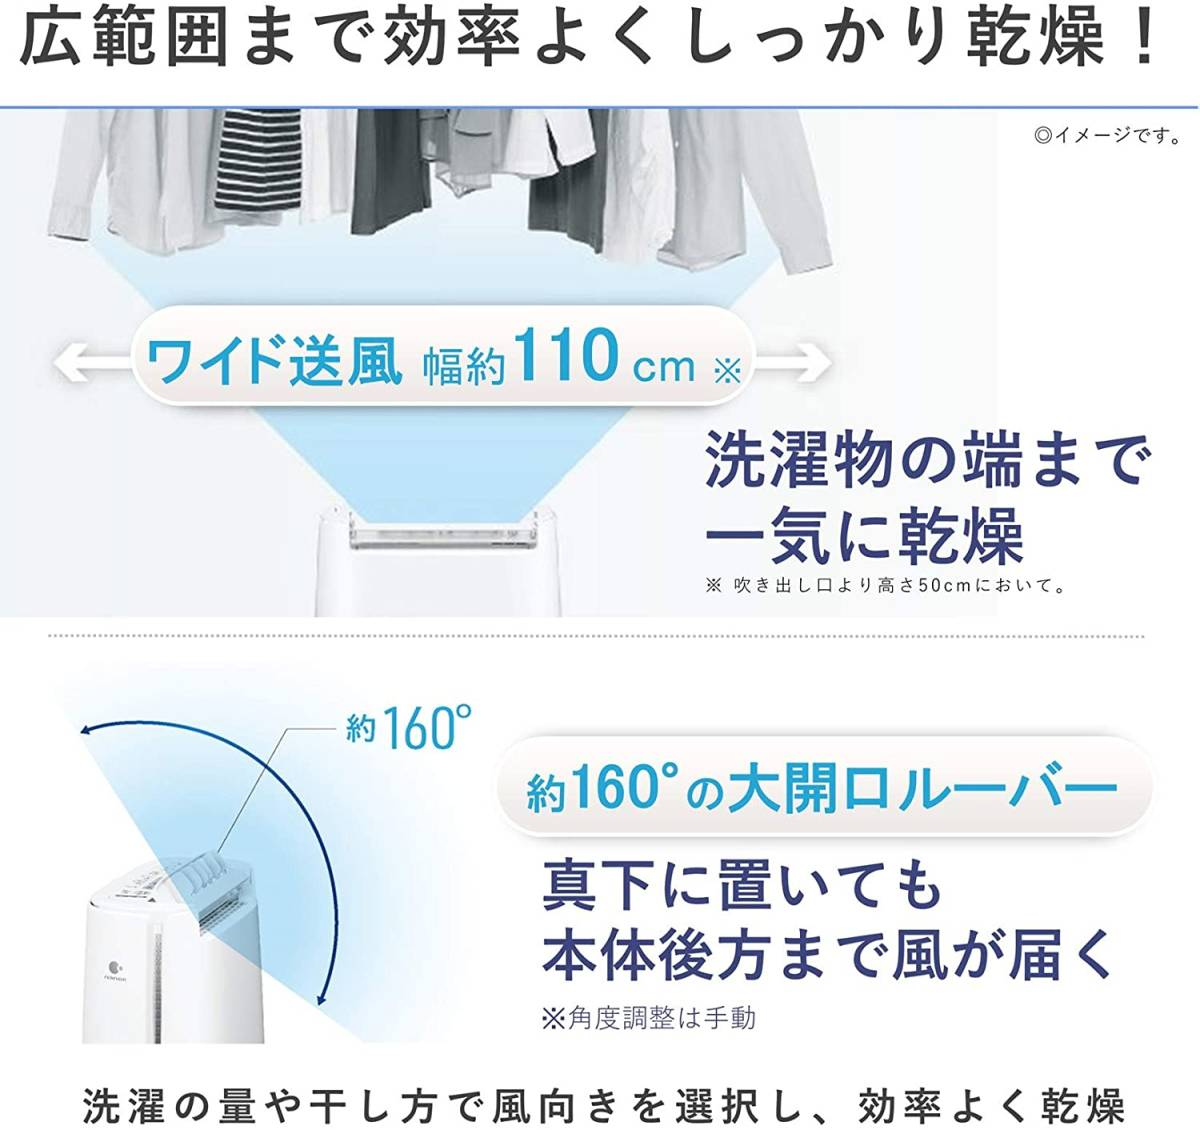 新品■パナソニック 衣類乾燥除湿機 デシカント方式 ~14畳 ピンク F-YZU60-P_画像4